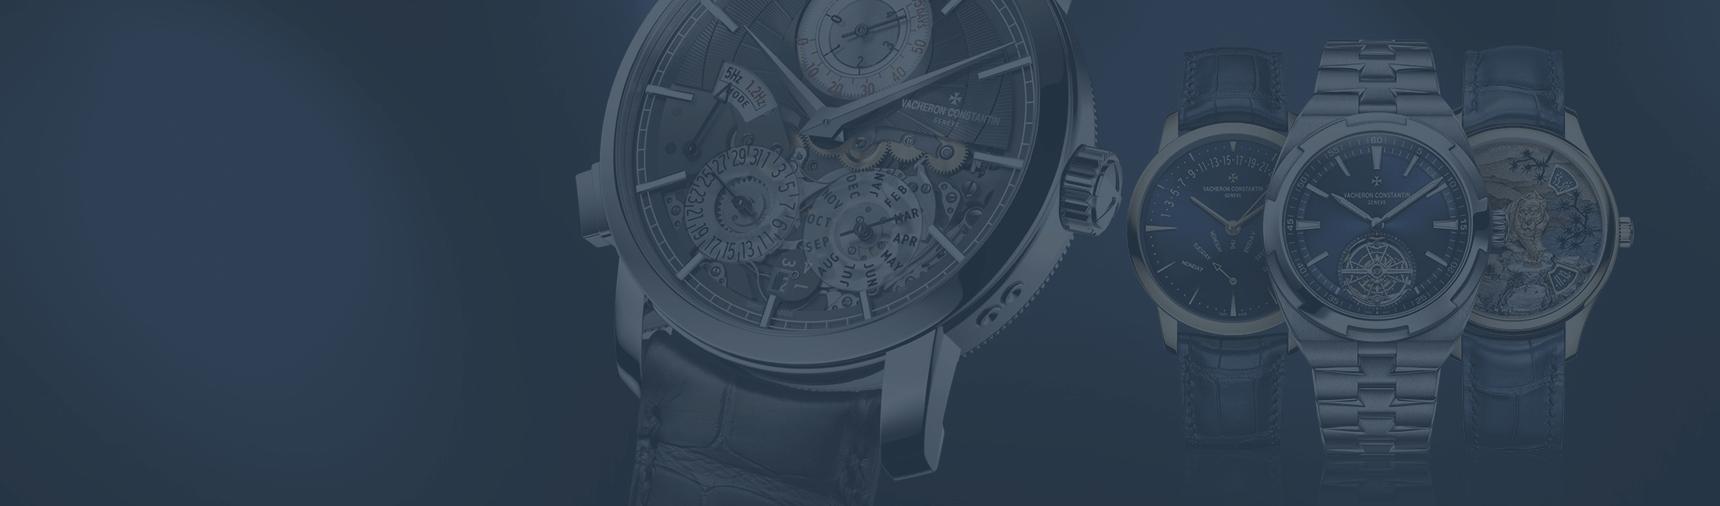 Продажа элитных часов # Продай свои часы быстро и удобно